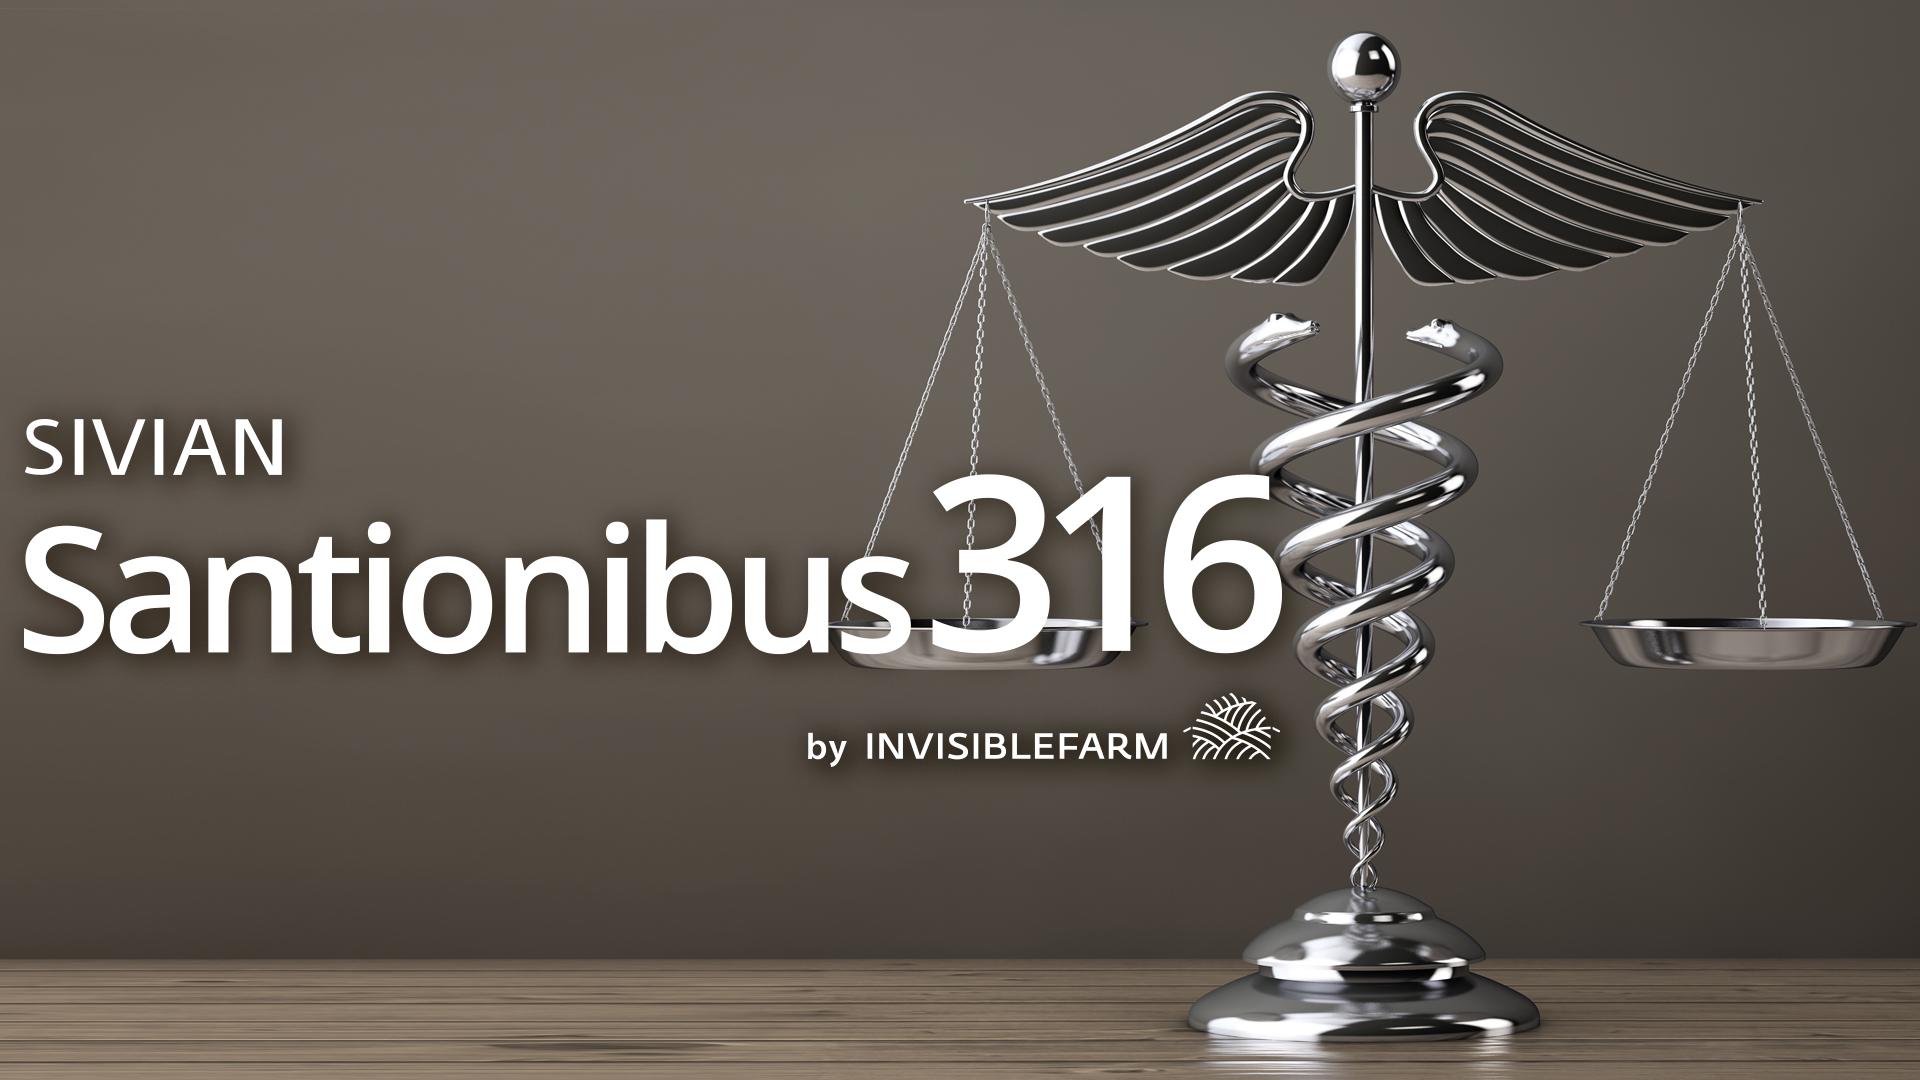 Santionibus 316 per la gestione delle sanzioni dei ticket sanitari